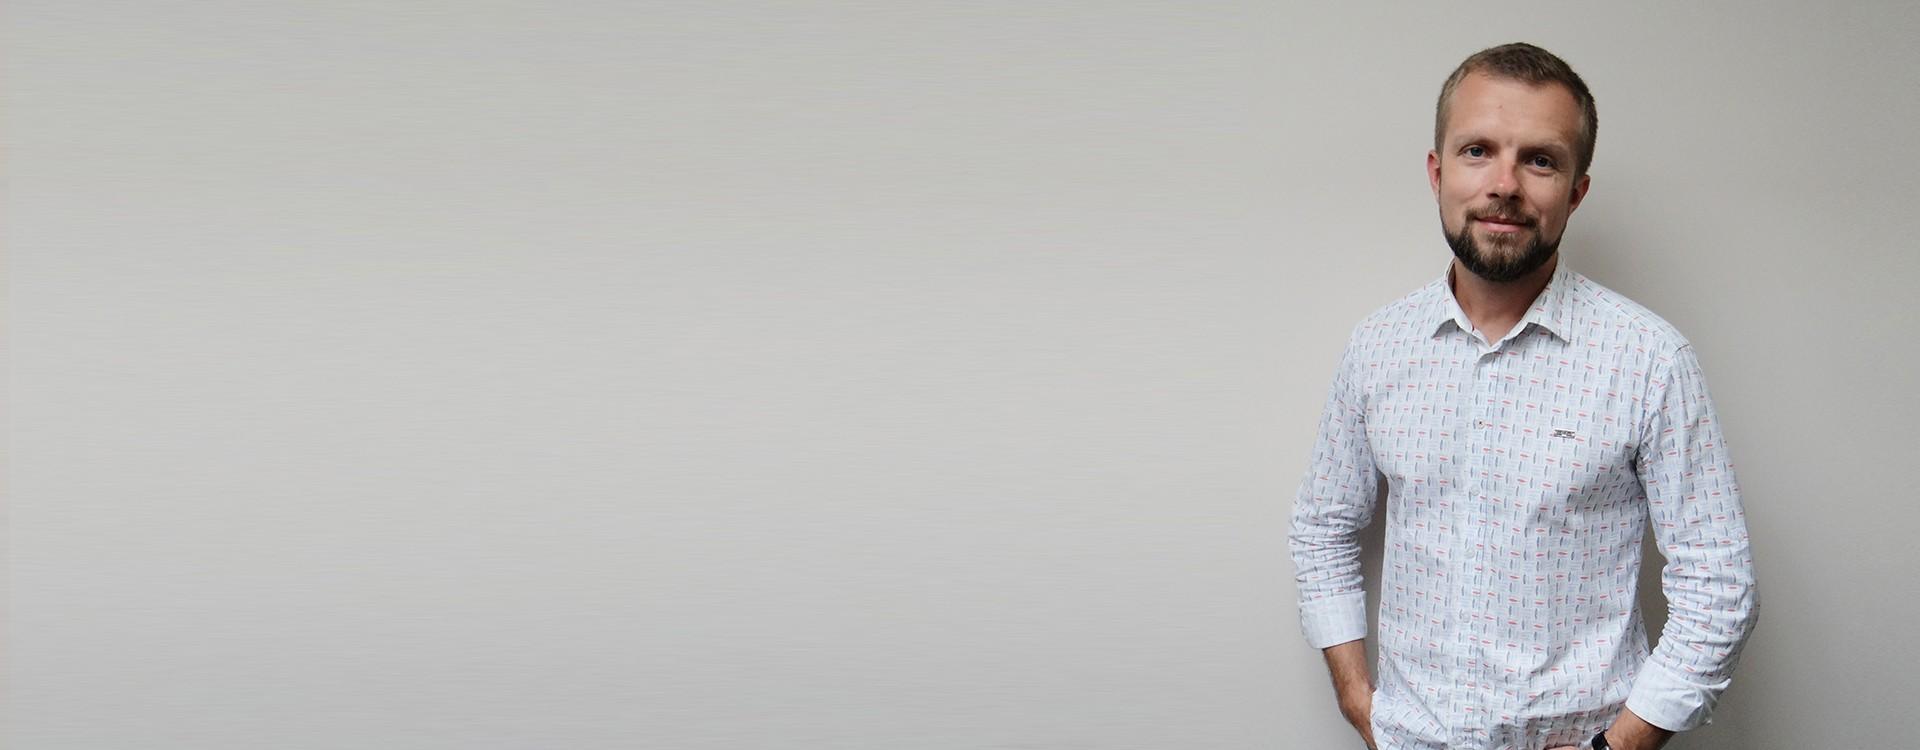 Володимир Щеглов | «У будь-якої компанії повинен бути один план: стати лідером ринку»